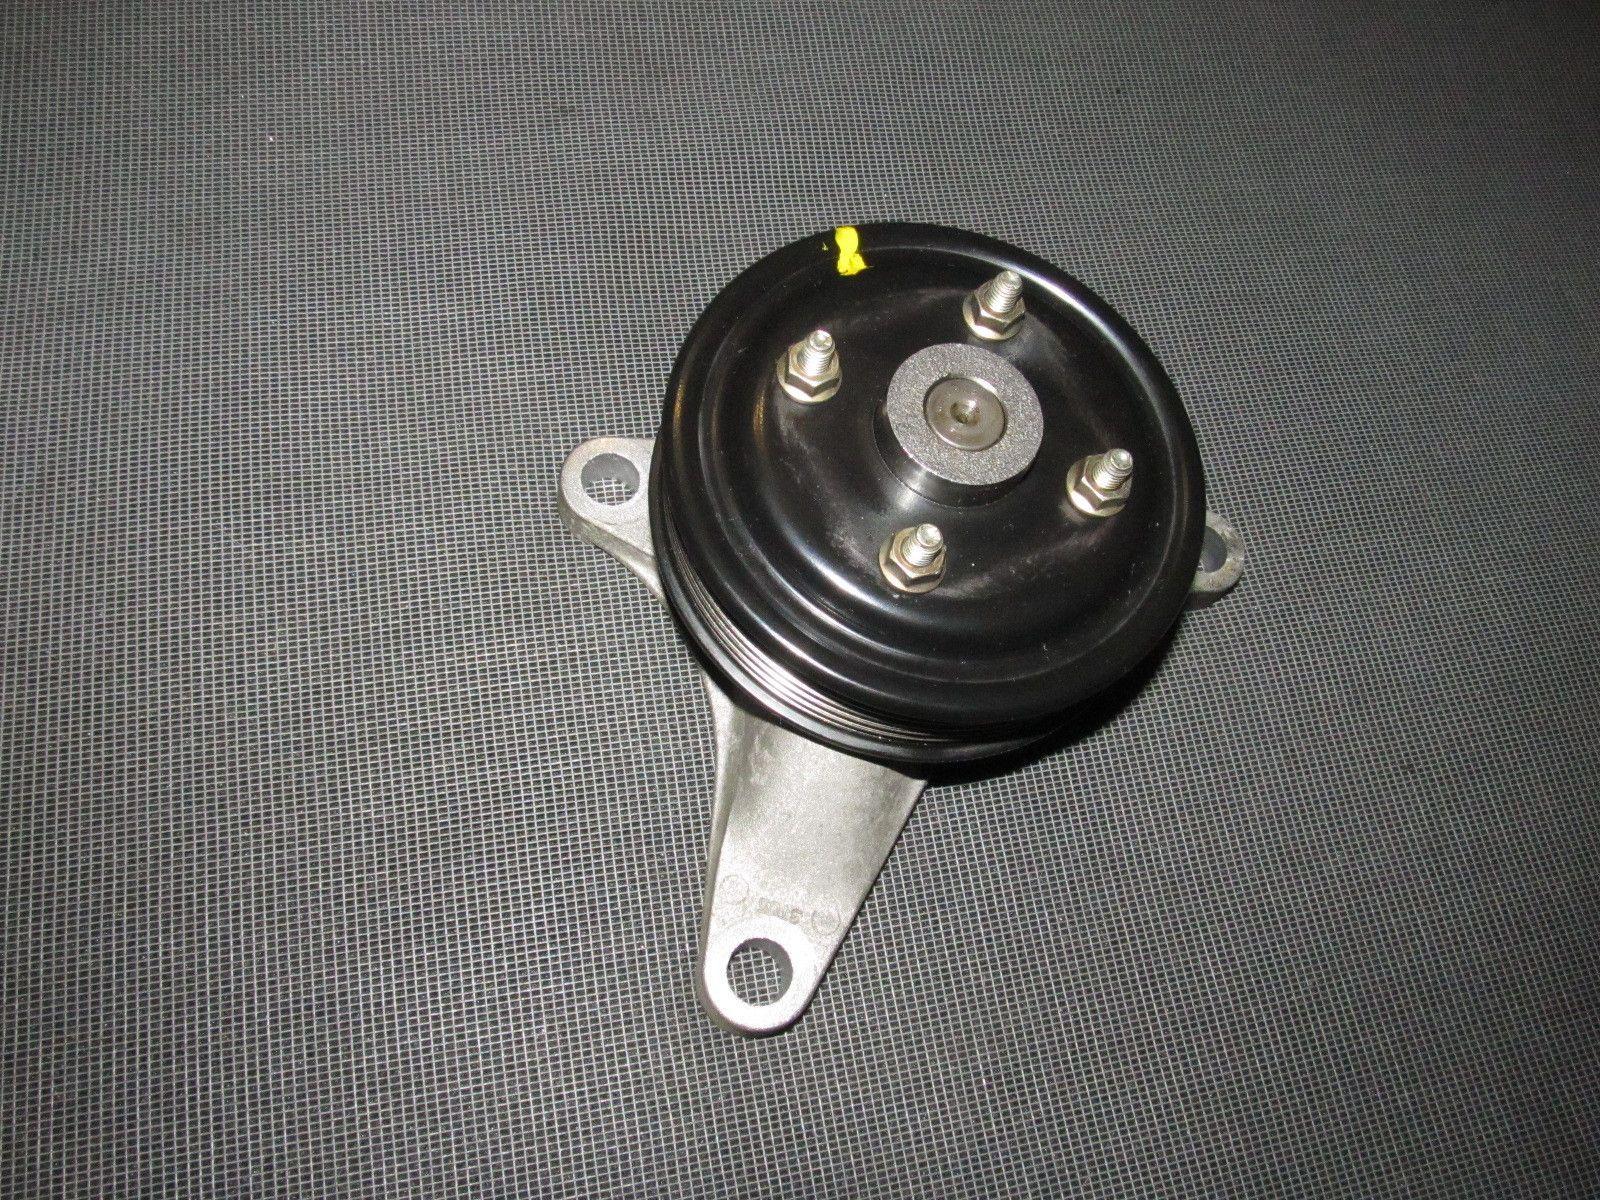 03 04 Infiniti G35 Sedan OEM Engine Fan Pulley Oem